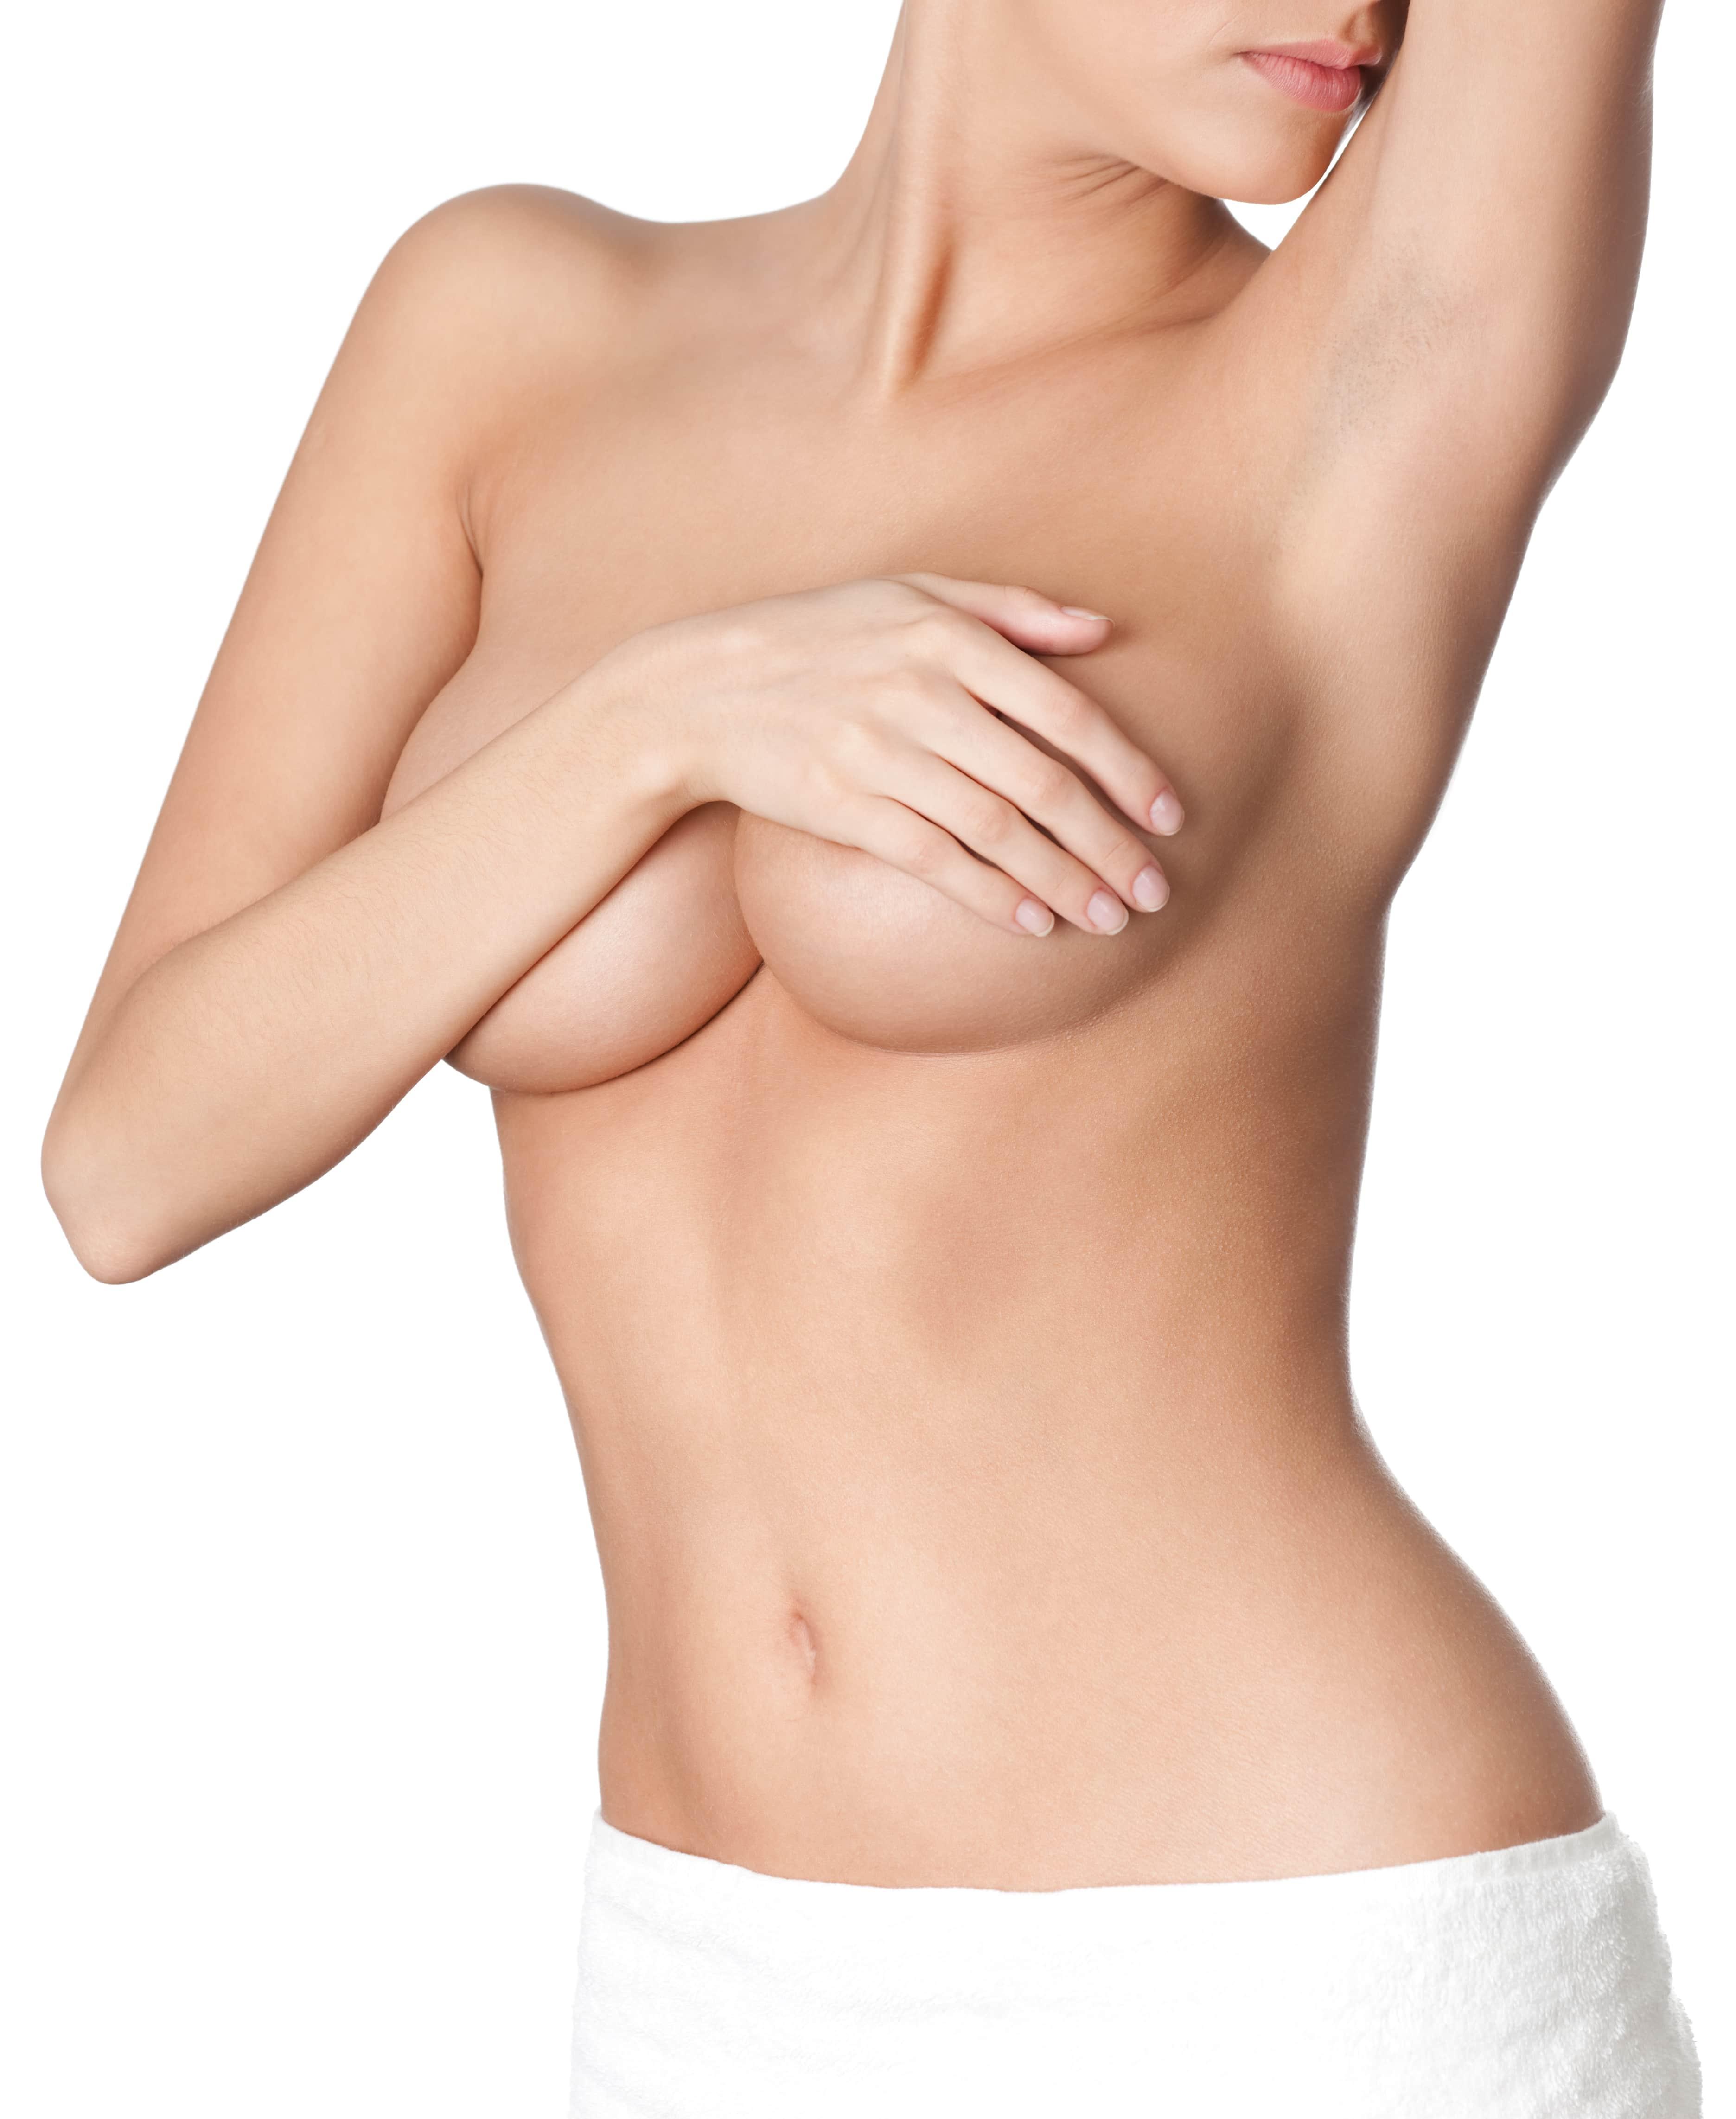 Brustvergrößerung mit Silikonimplantaten - welches Implantat ist das Richtige für mich?